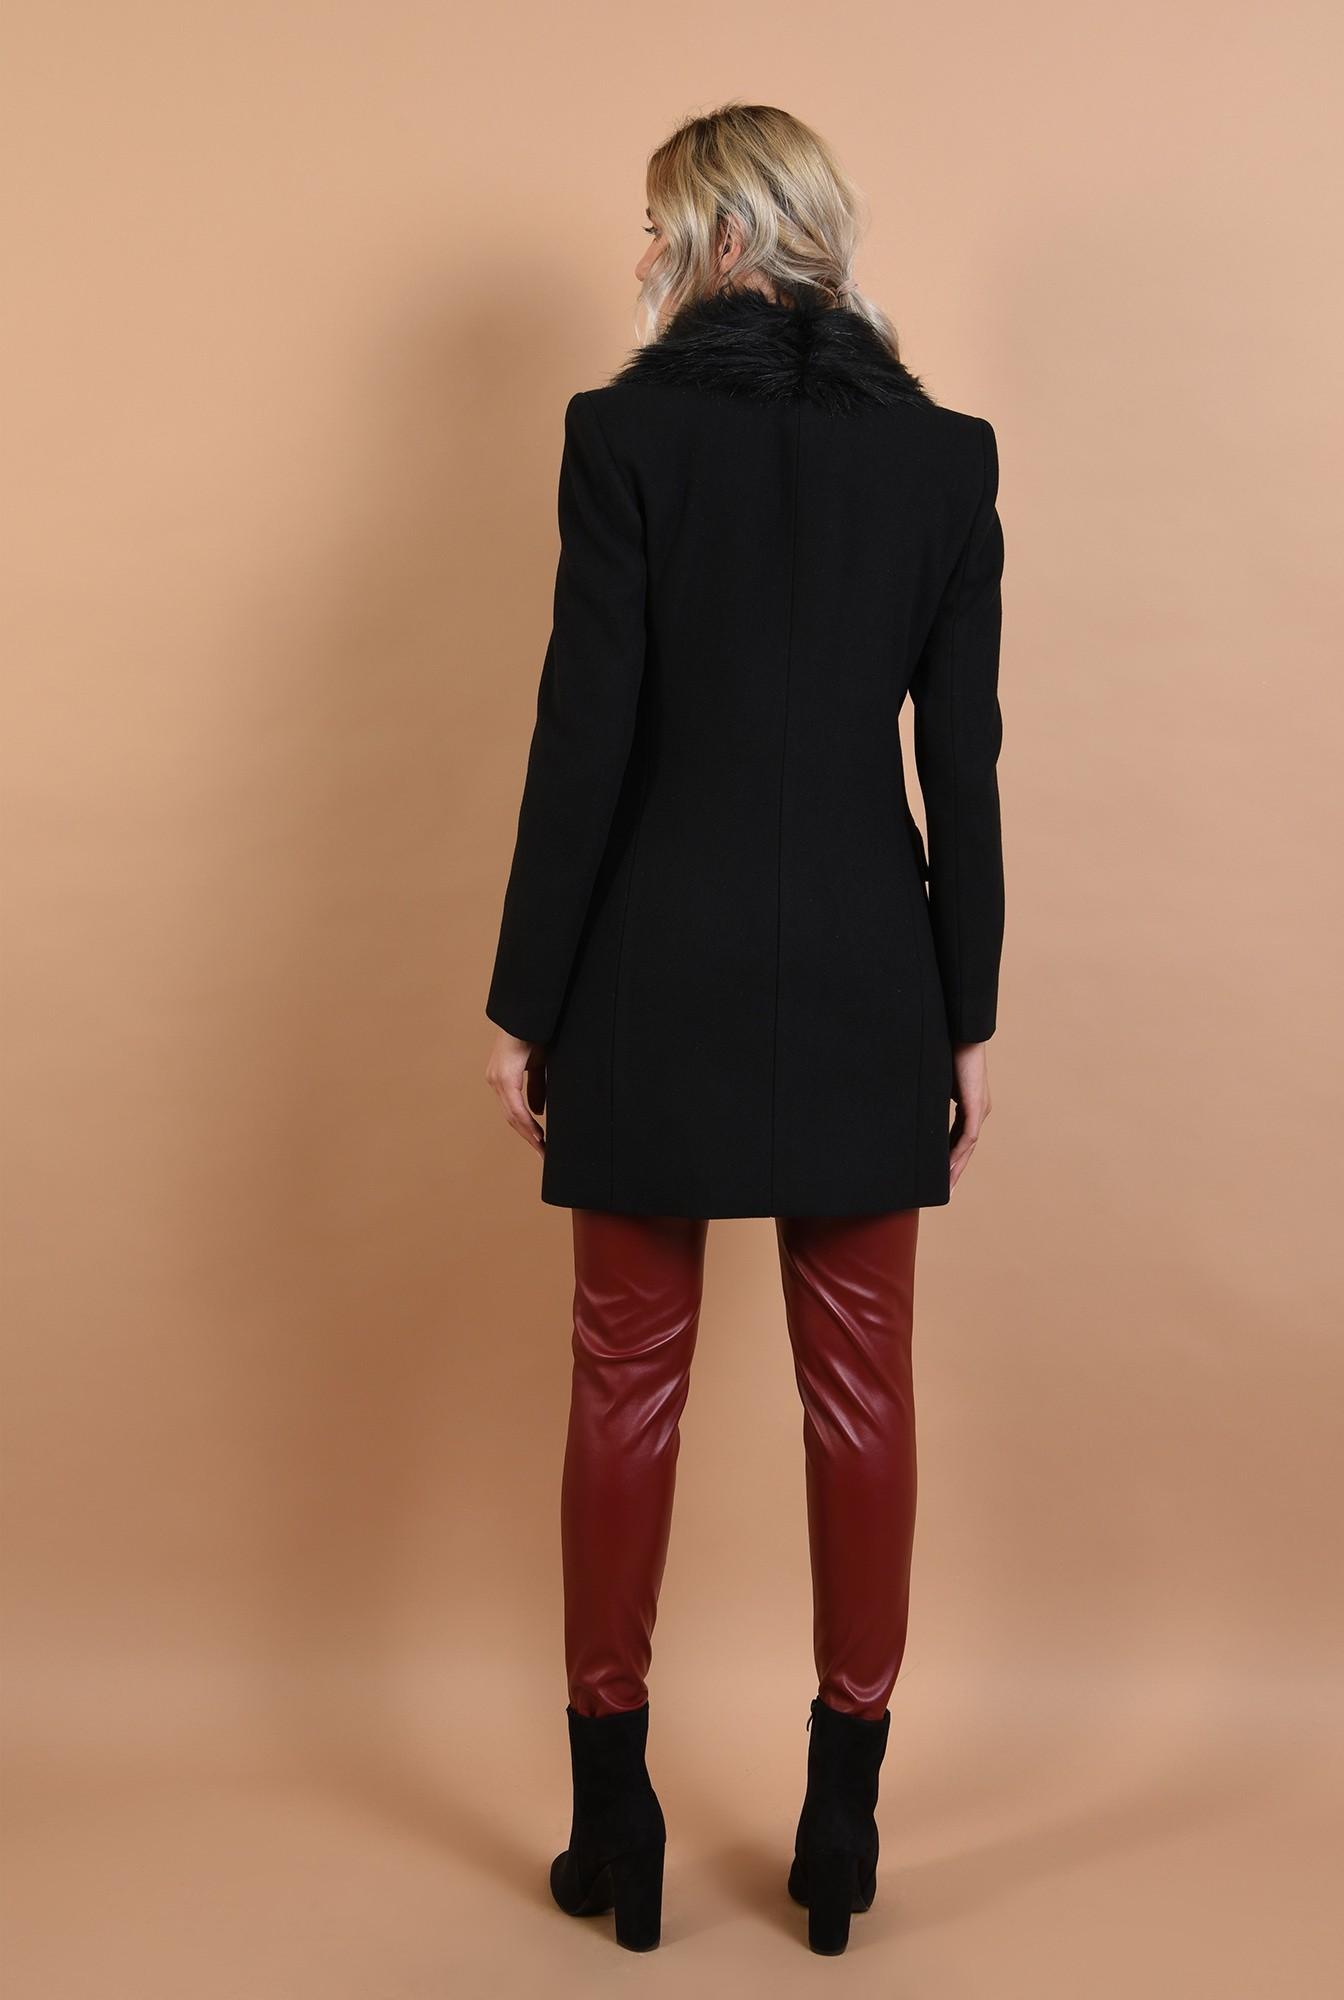 1 - palton cu blana, midi, negru, nasturi, Poema